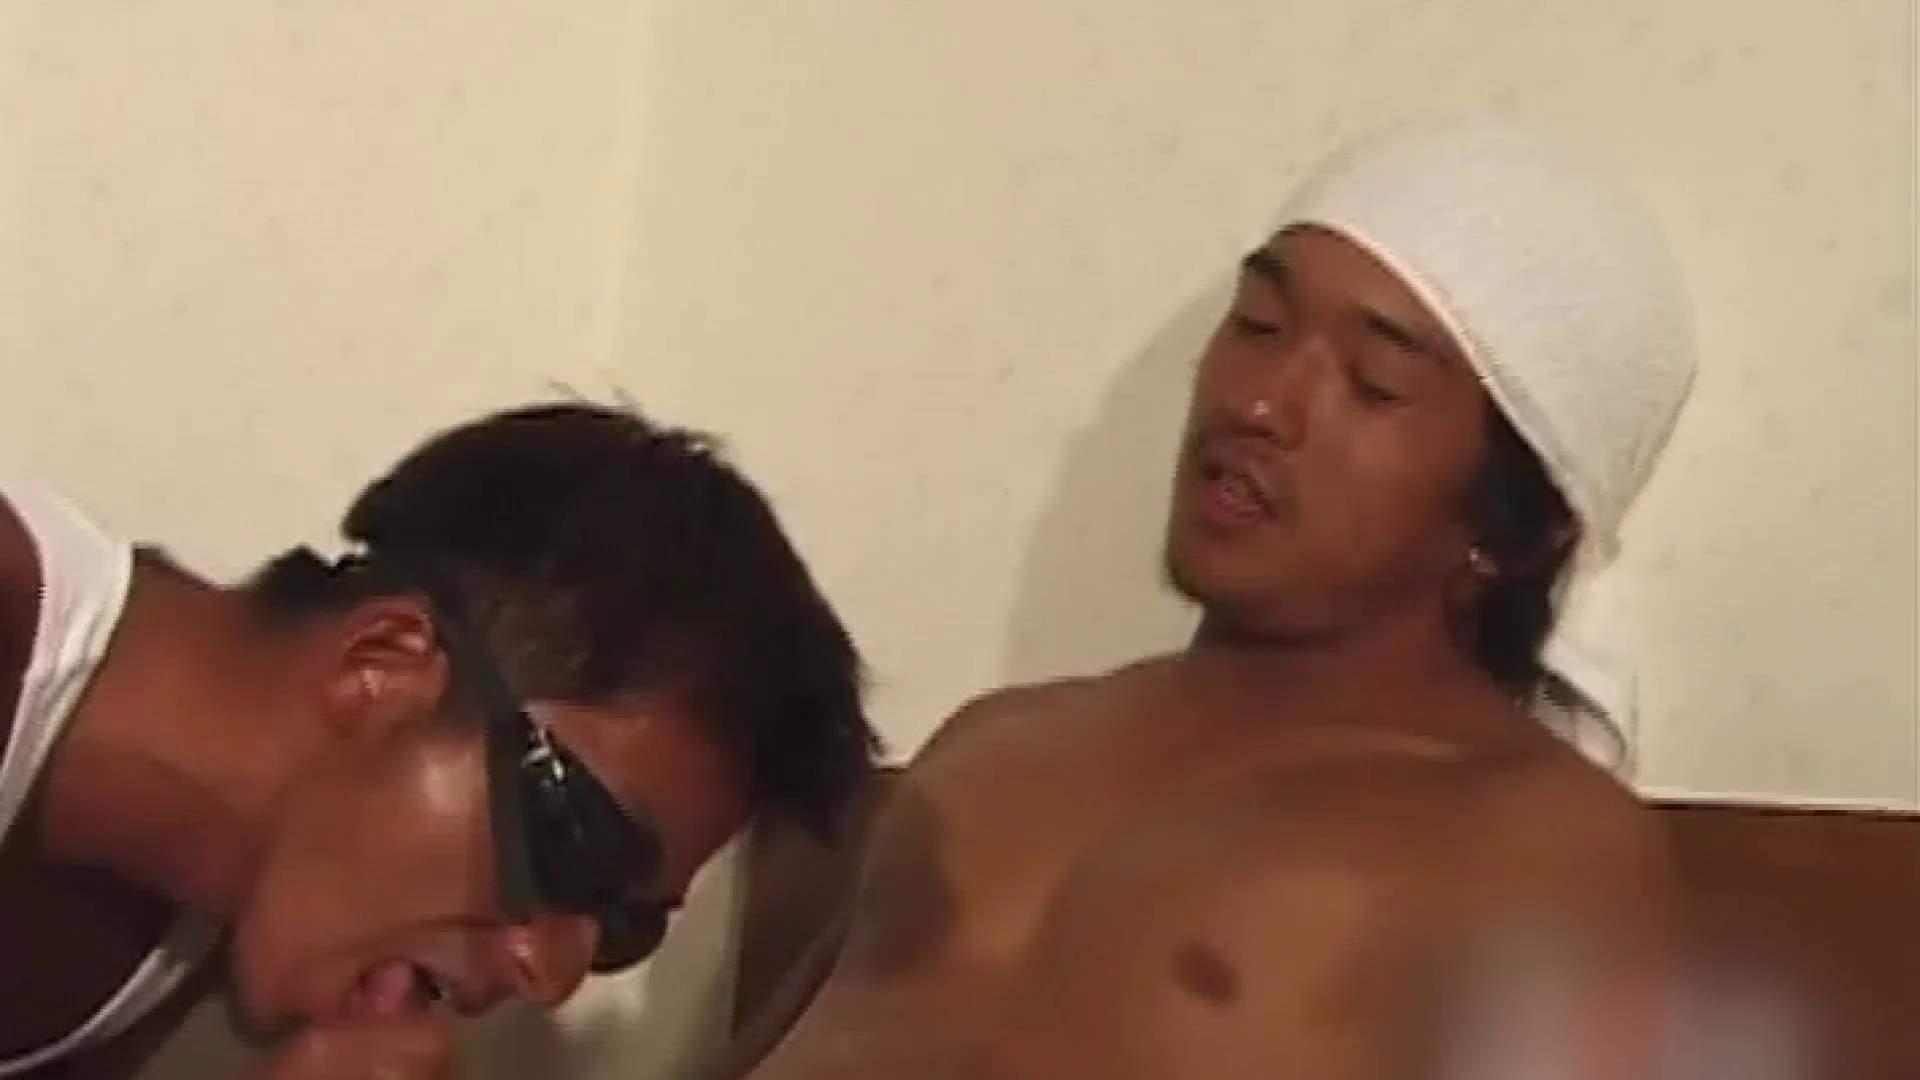 珍肉も筋肉の内!!vol.6 フェラ ゲイ素人エロ画像 106枚 92